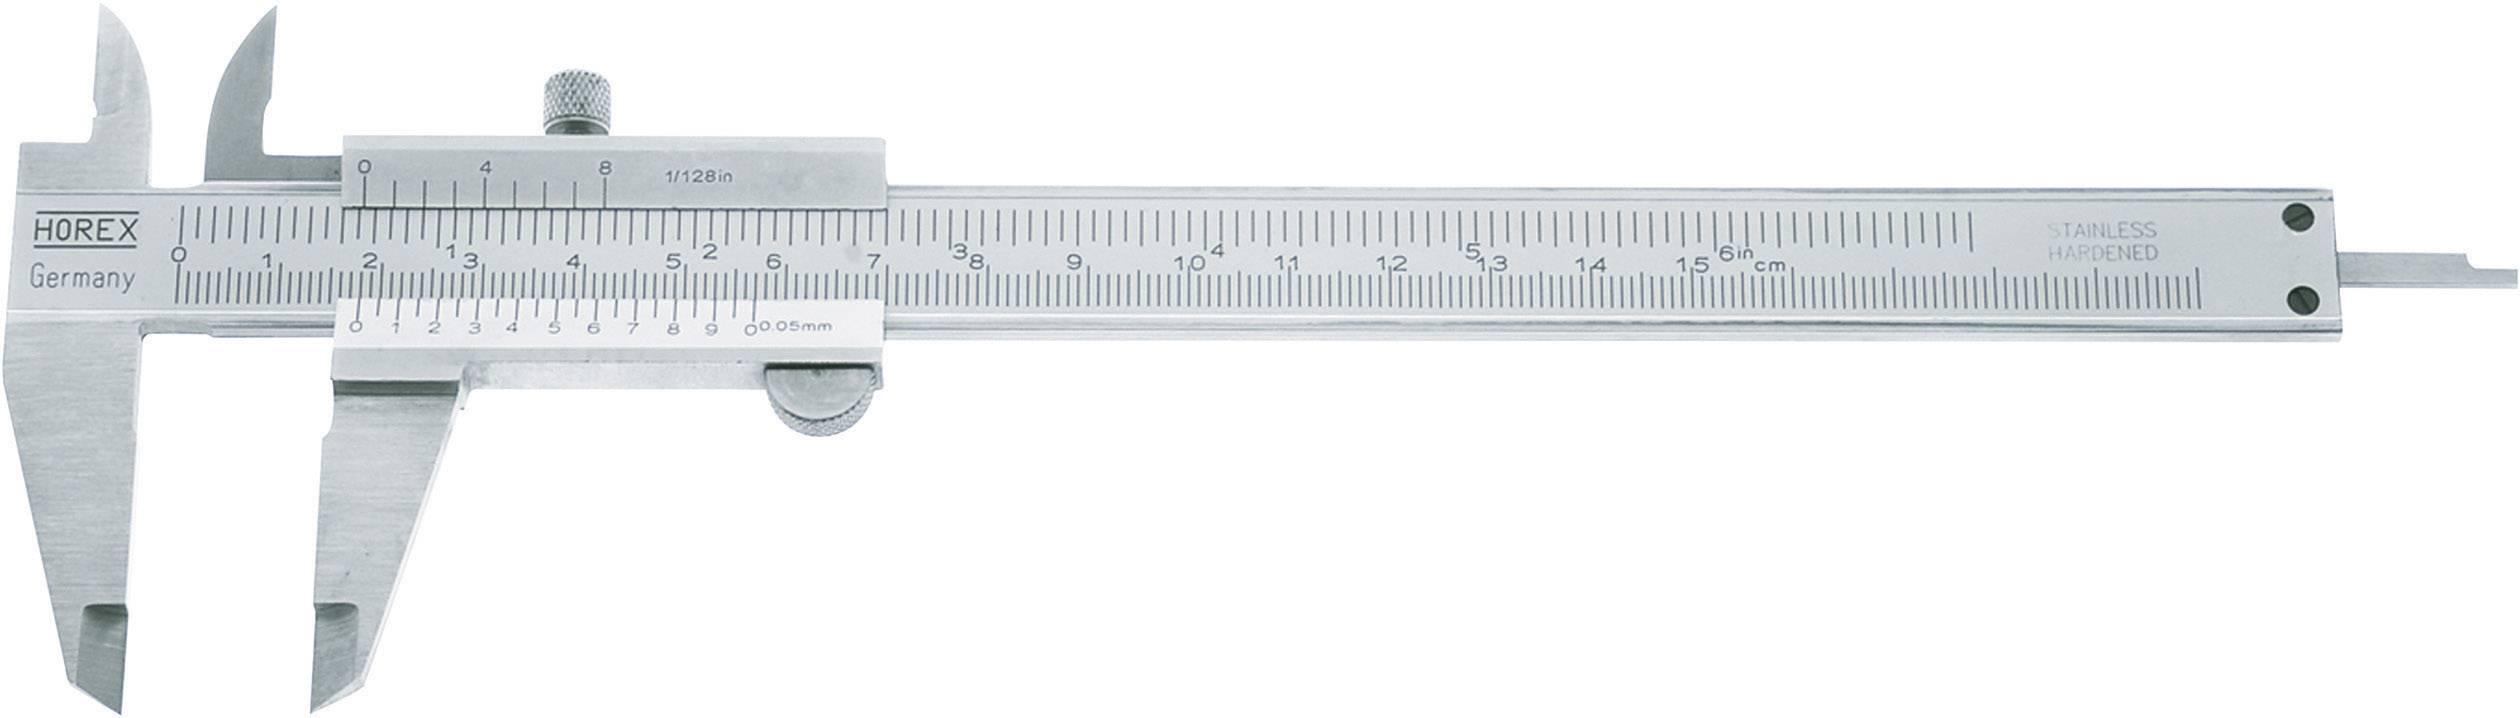 Kapesní posuvné měřítko Horex 2226516, 150 mm